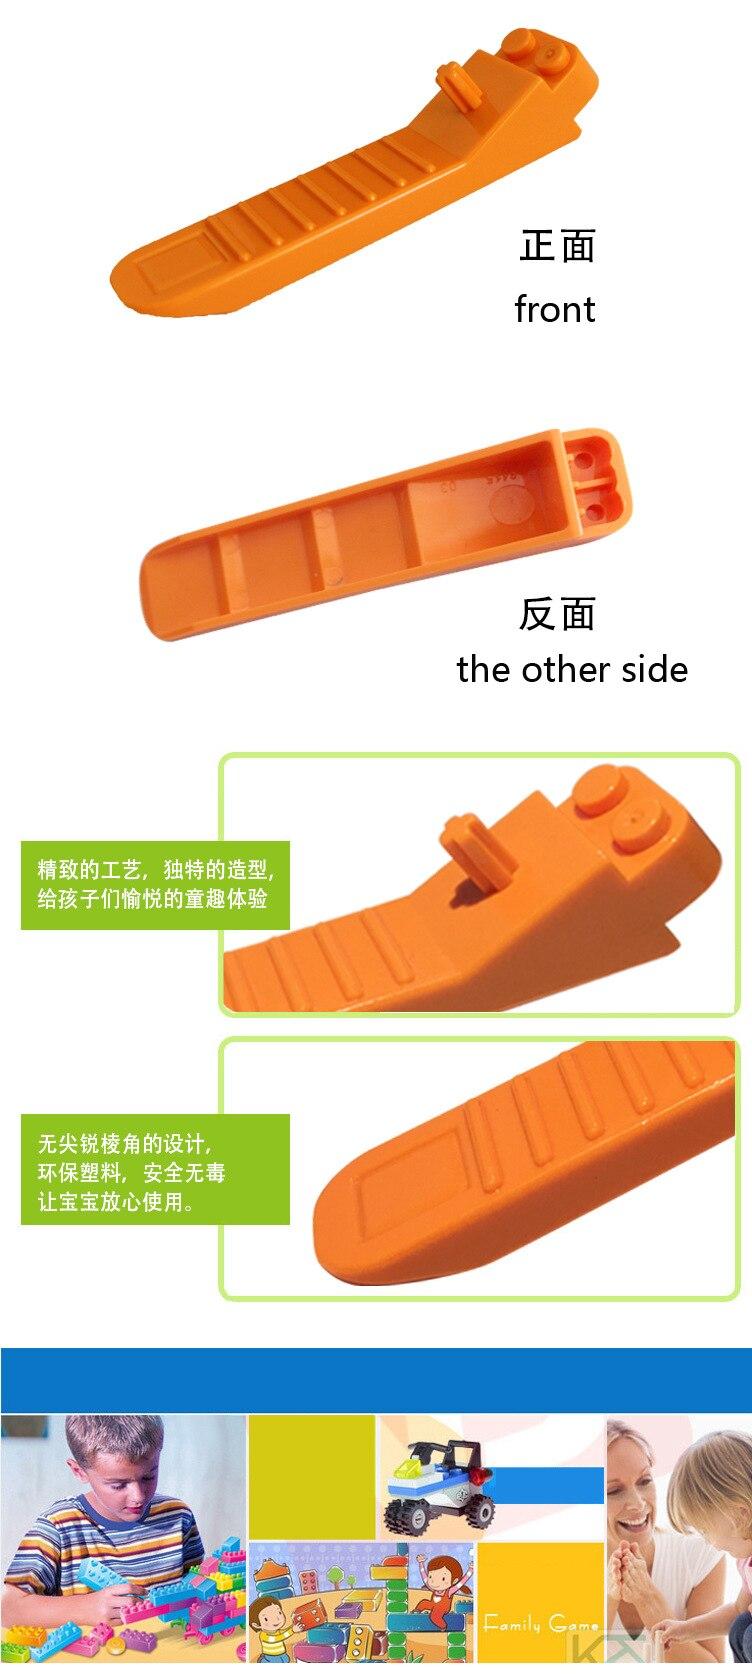 Building block extractor_21